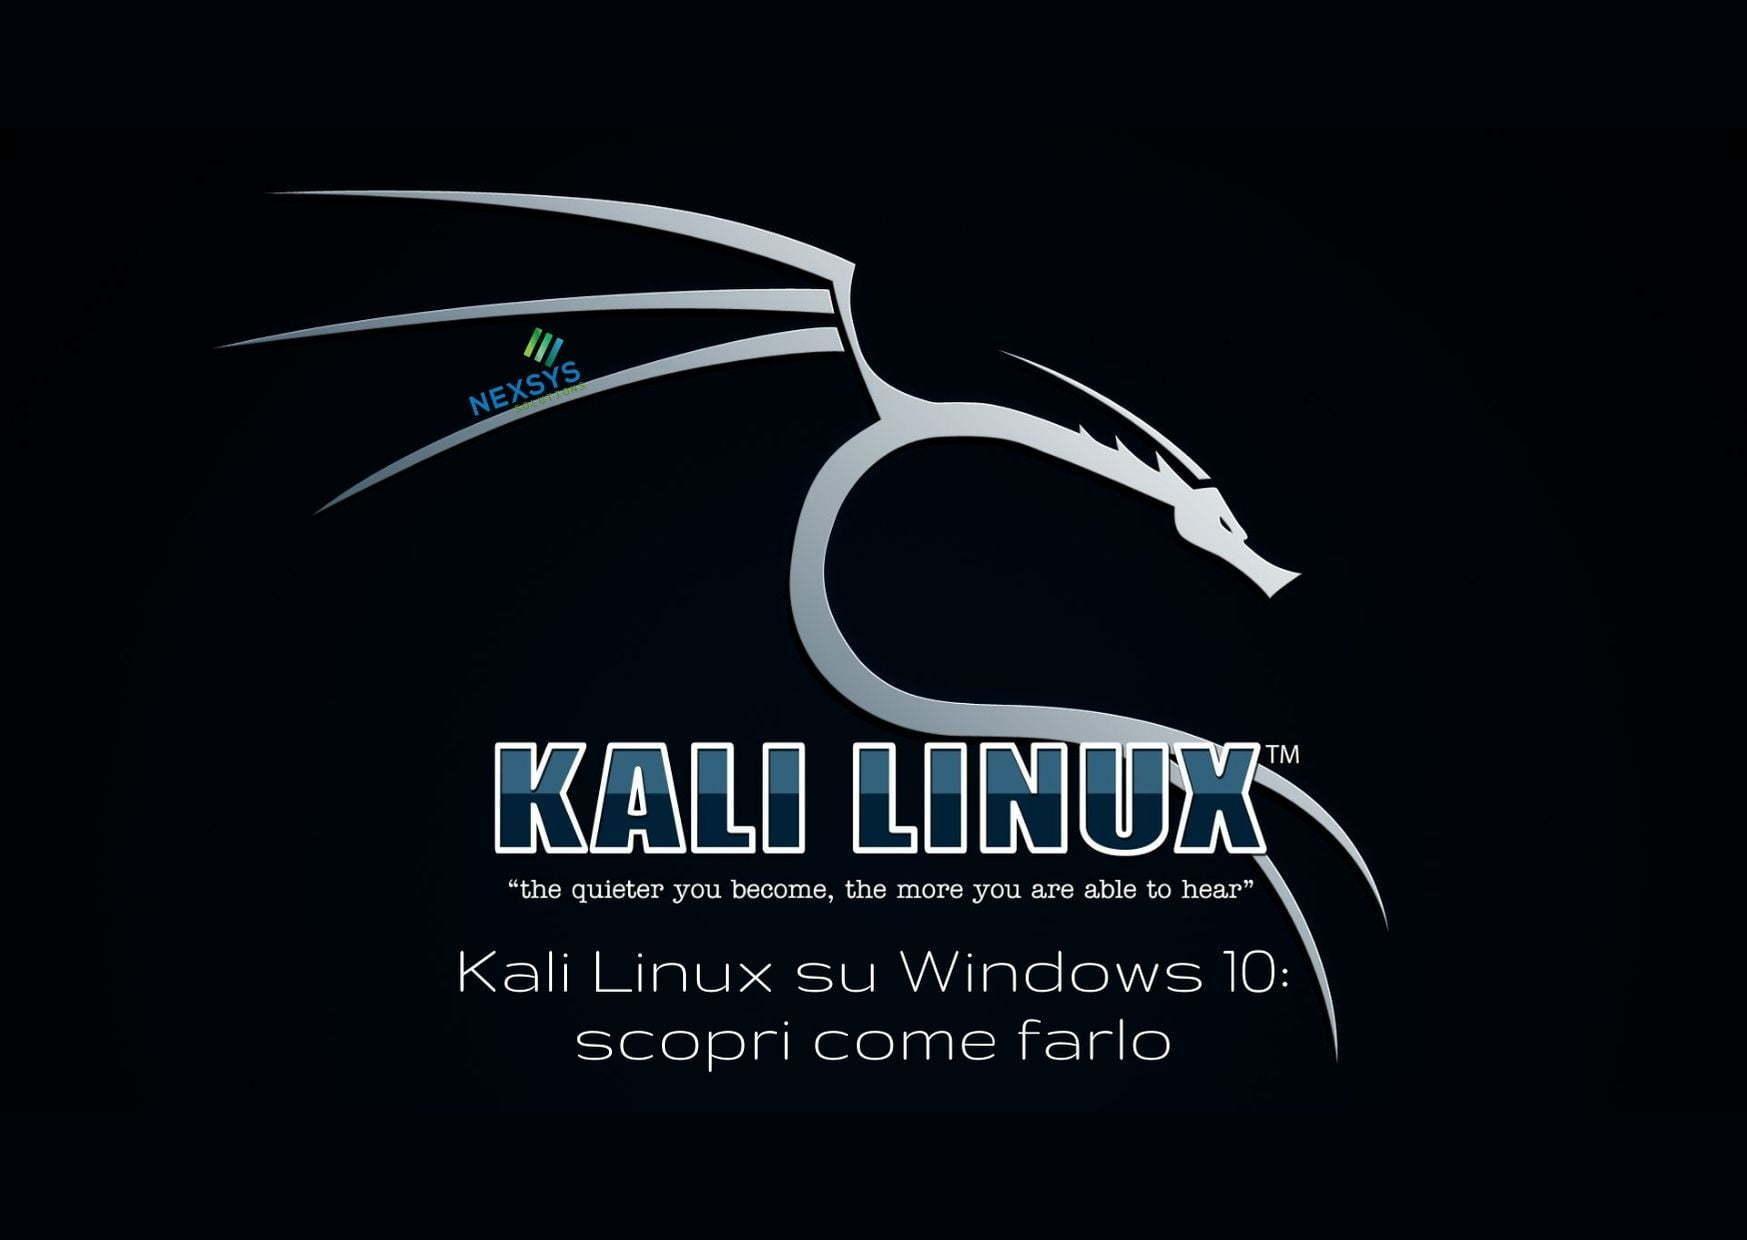 Kali Linux su Windows 10: scopri come farlo